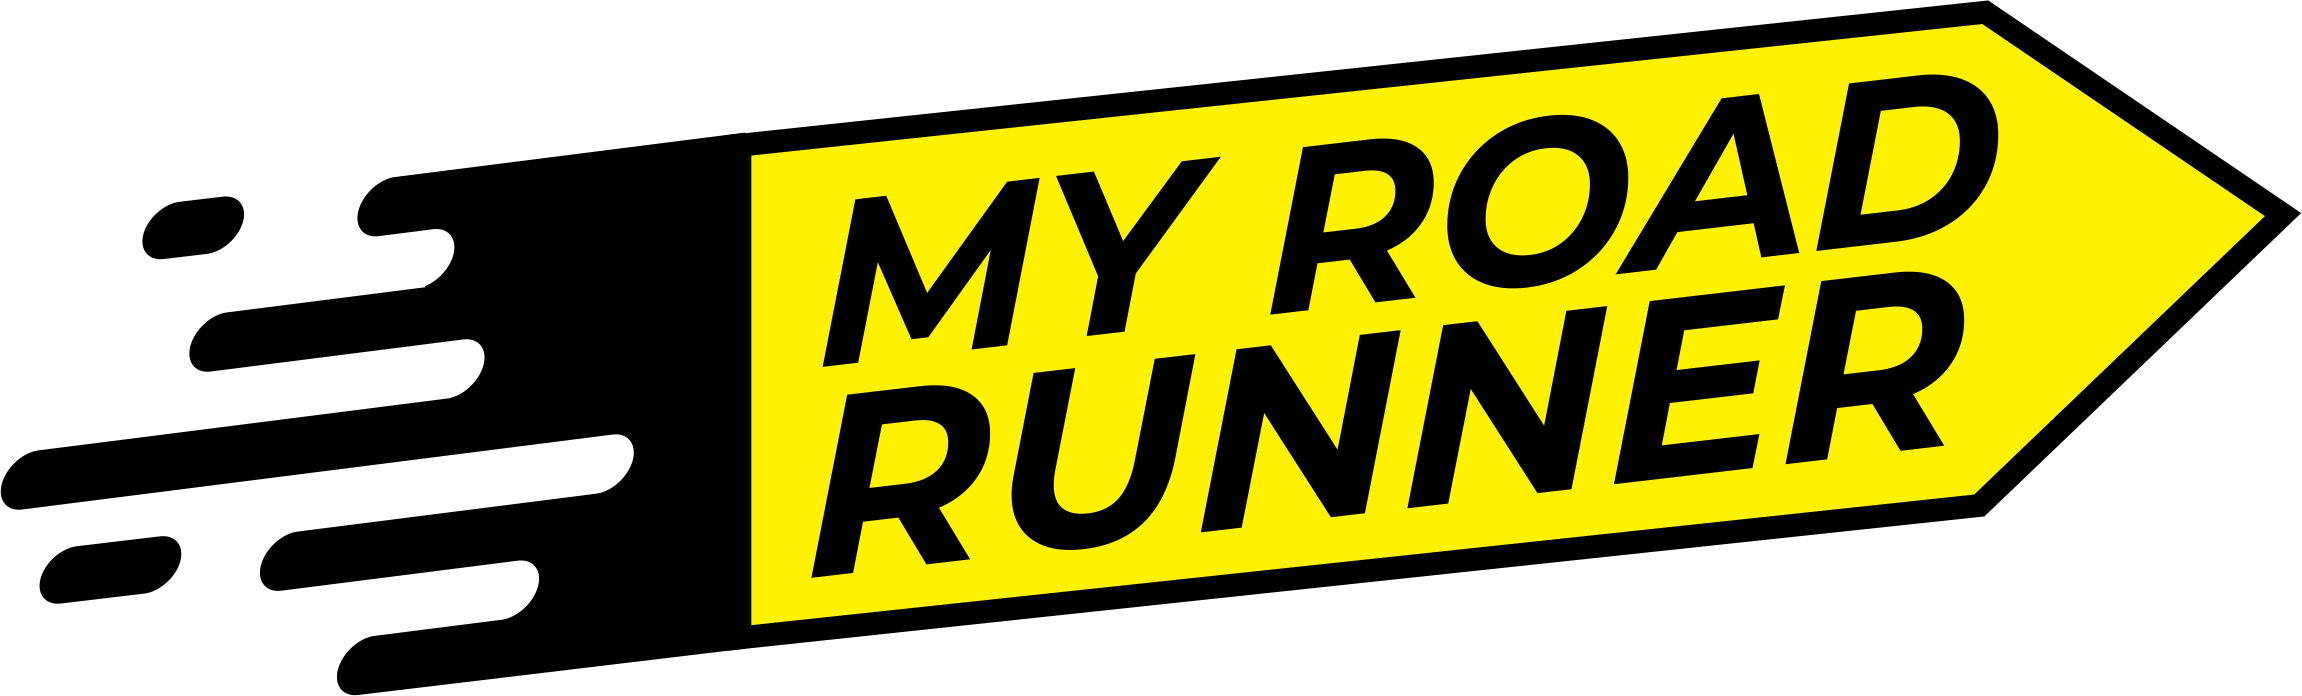 MyRoadRunner logo